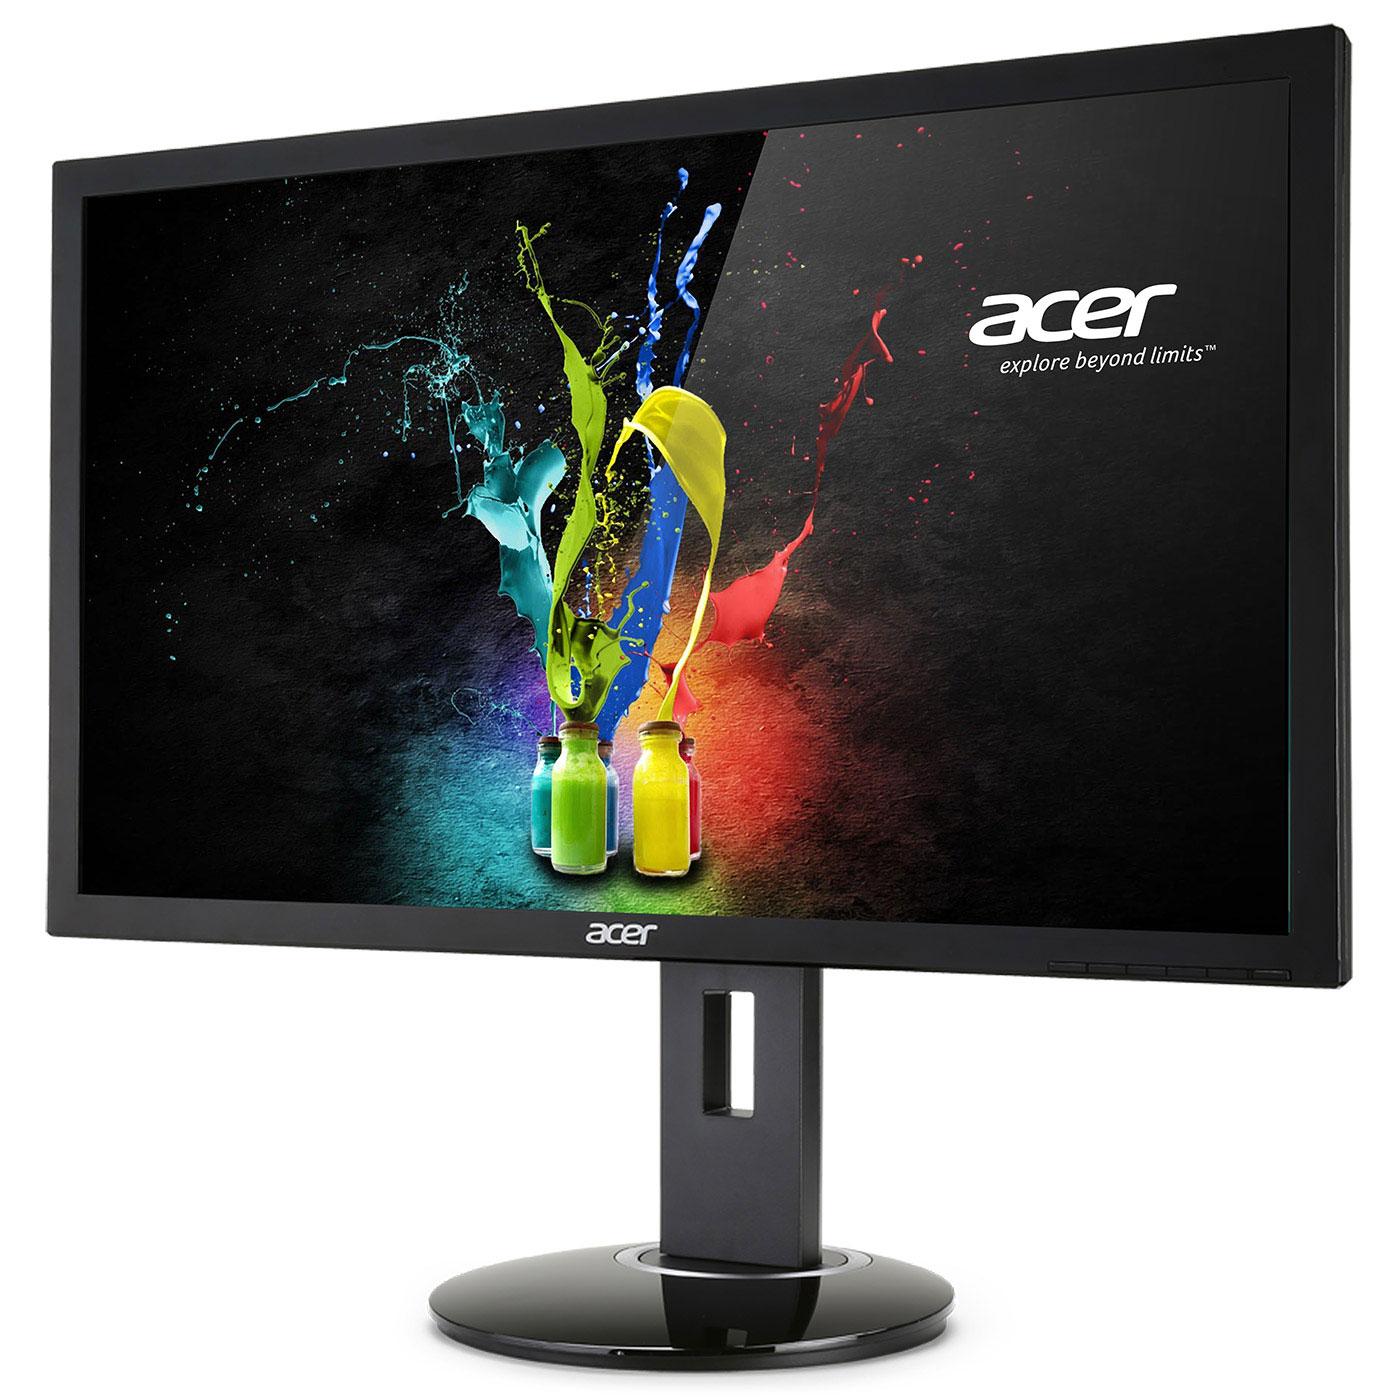 """Ecran PC Acer 28"""" LED - CB280HKbmjdppr 3840 x 2160 pixels - 1 ms - Format 16/9 - Pivot - DisplayPort - HDMI - Noir (Garantie constructeur 3 ans)"""